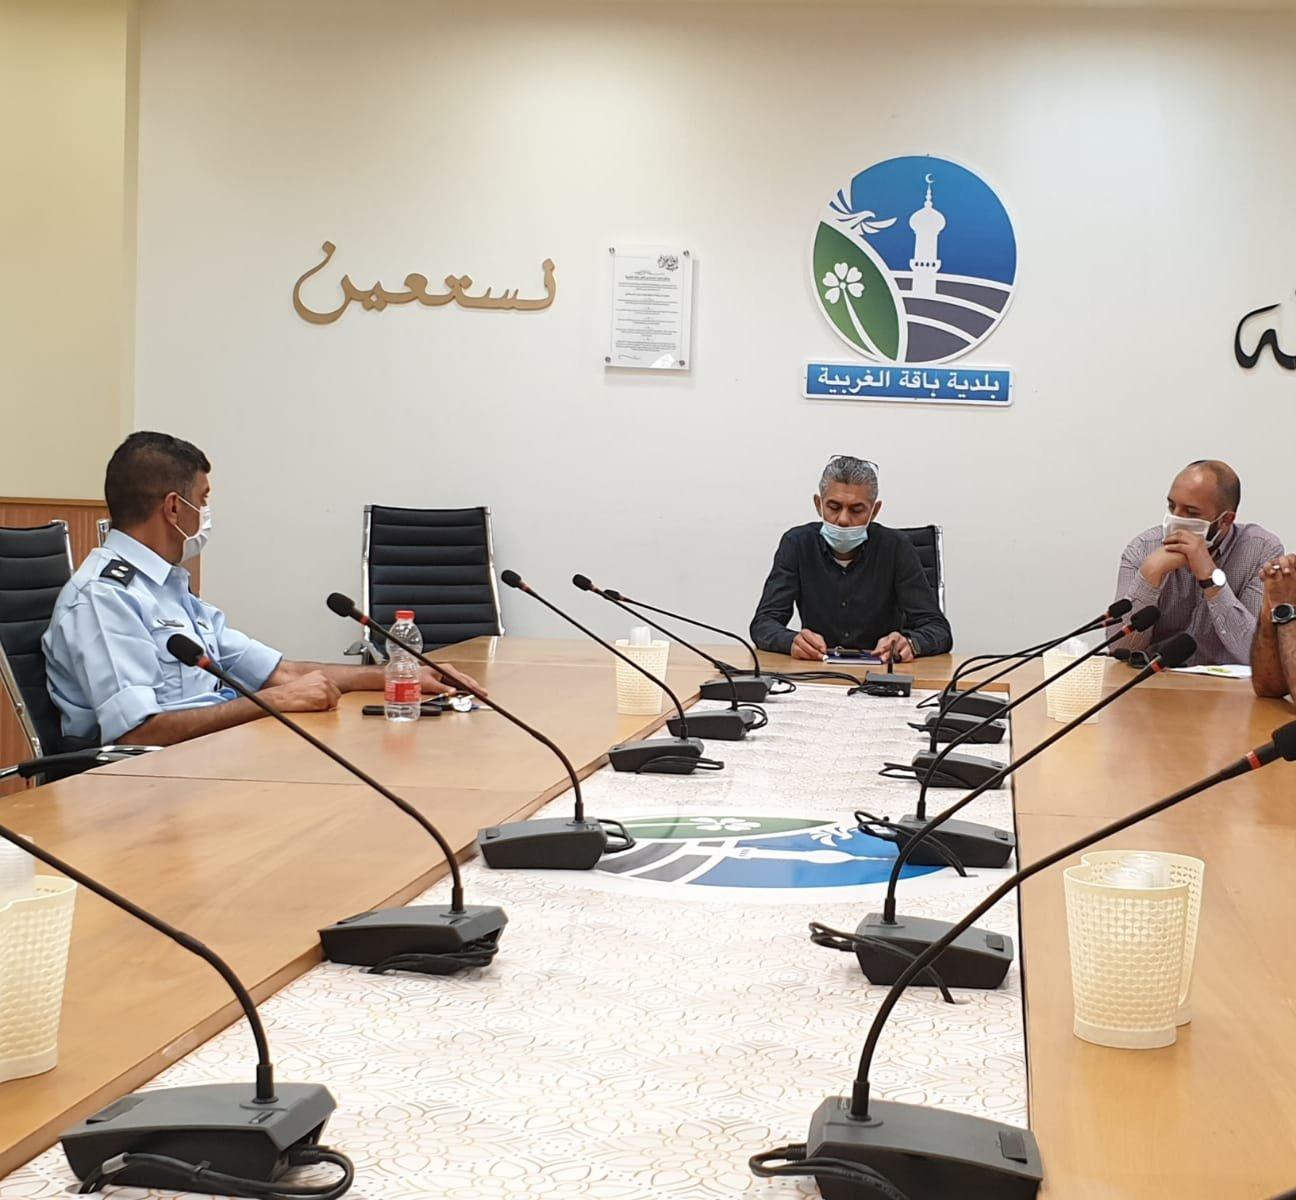 بلدية باقة الغربية: الشرطة ووزارة الأمن الداخلي تتحمل كامل المسؤولية في انعدام الأمن والأمان